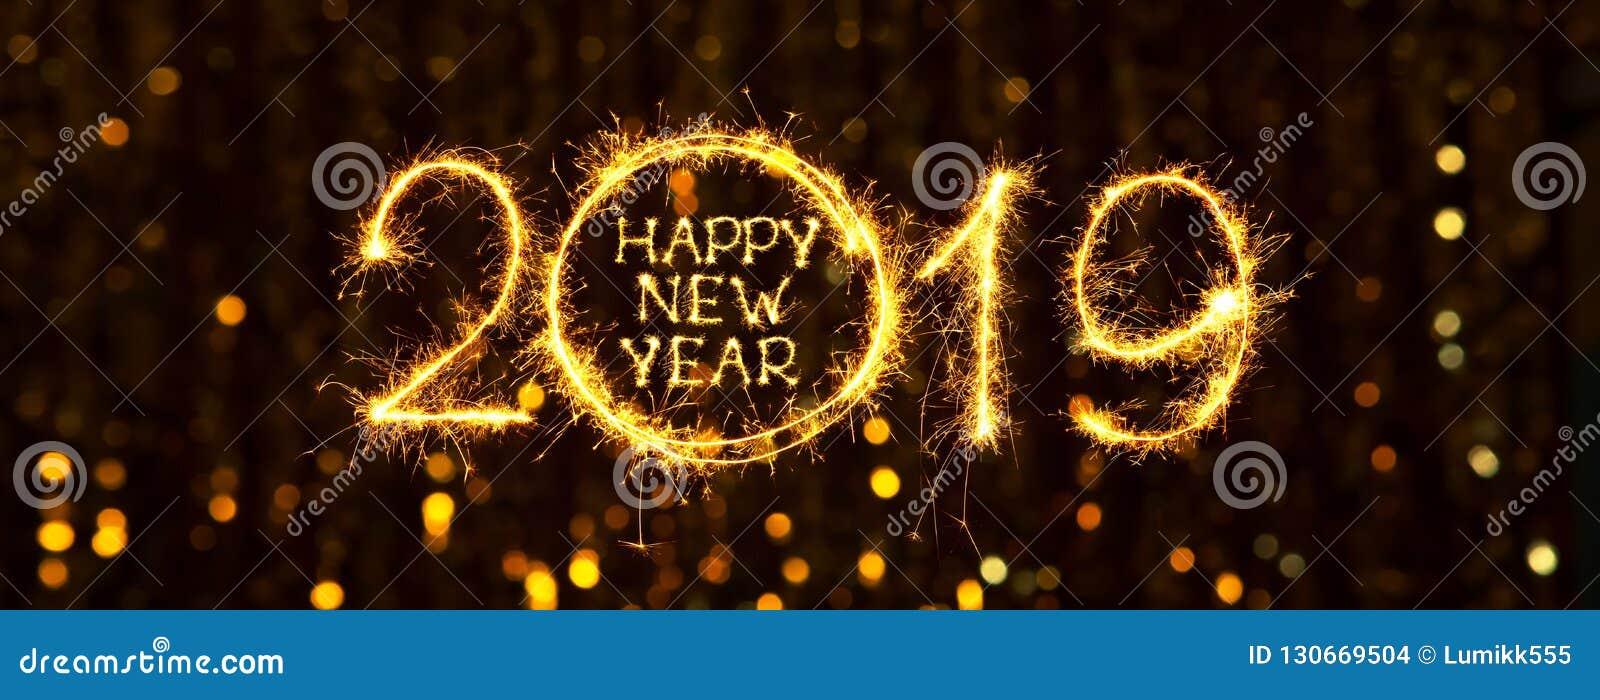 Ευρύ έμβλημα καλή χρονιά 2019 Ιστού διακοπών γωνίας